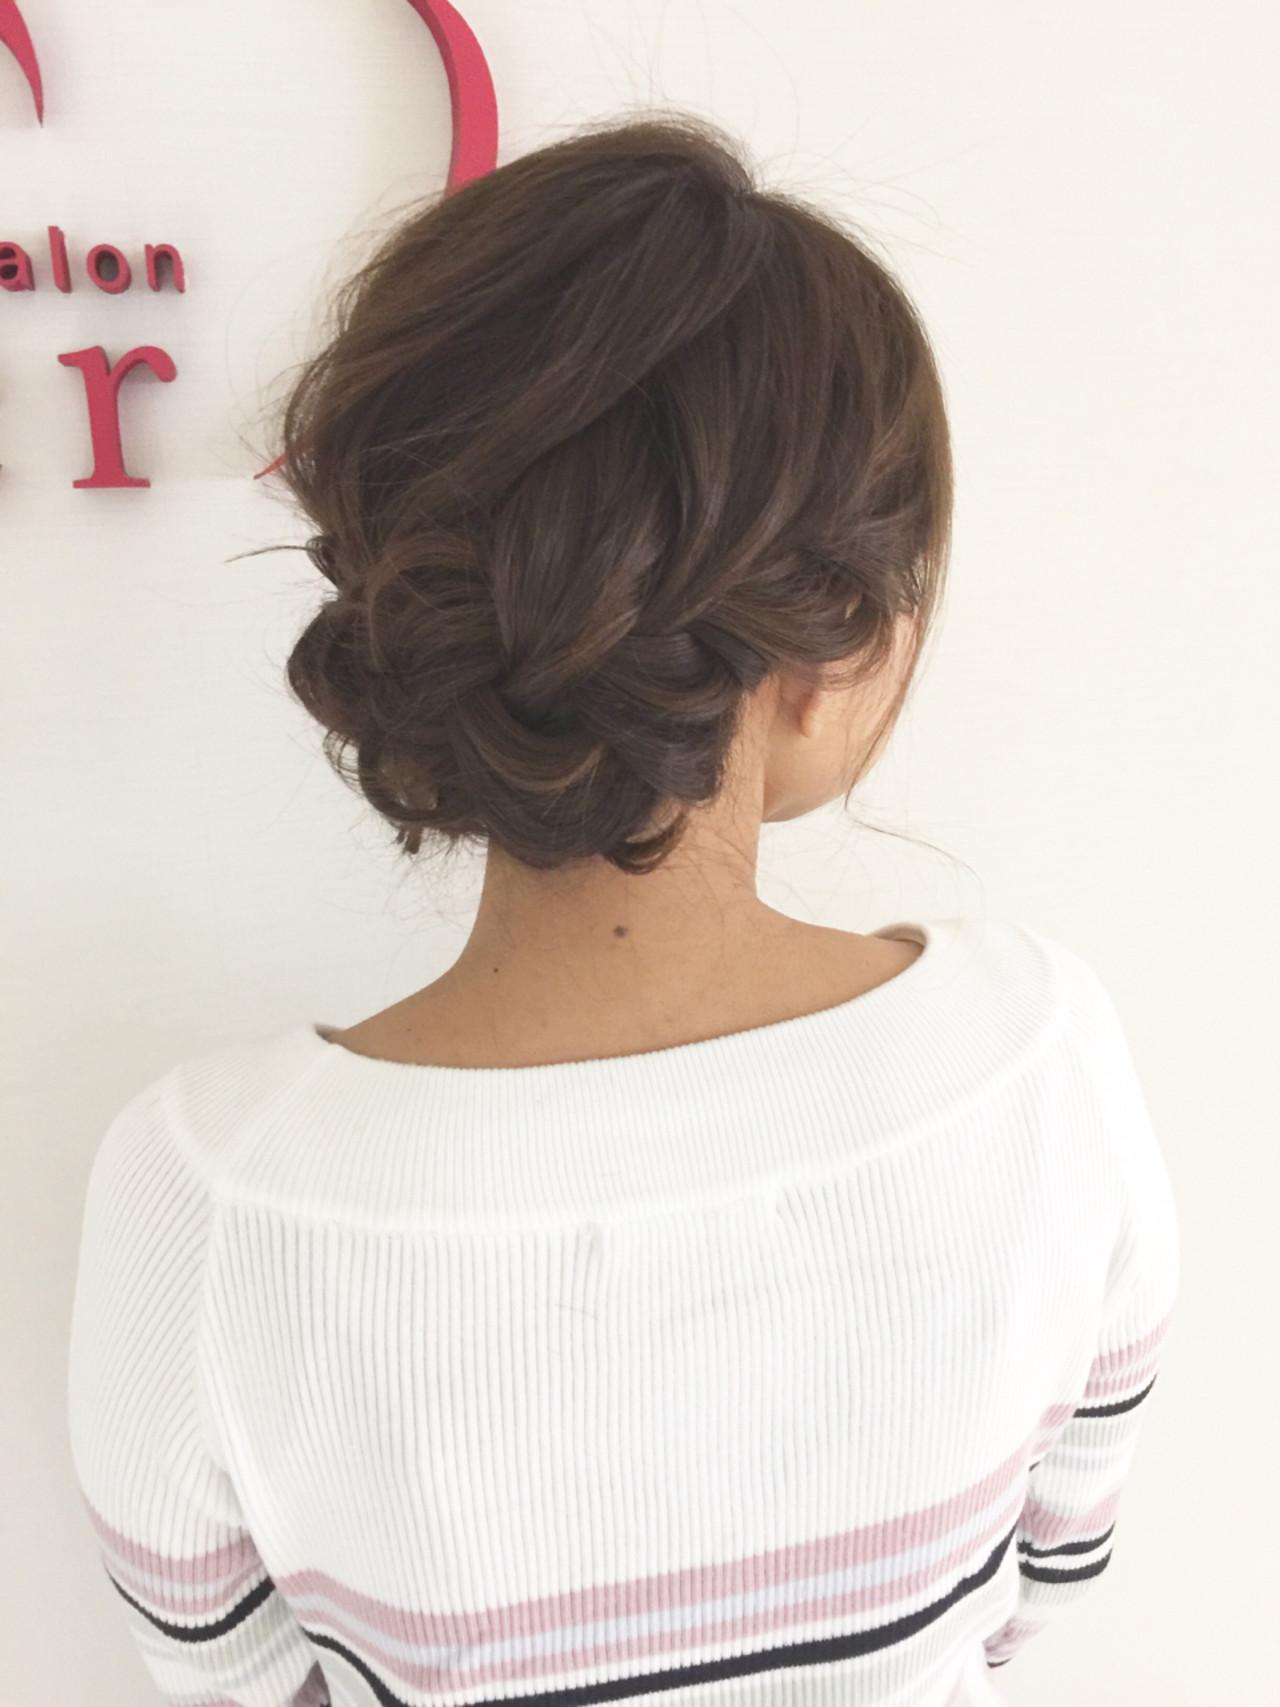 ヘアアレンジ ショート 結婚式 フェミニン ヘアスタイルや髪型の写真・画像 | 栗山 卓也 / ヘアーサロンシェール